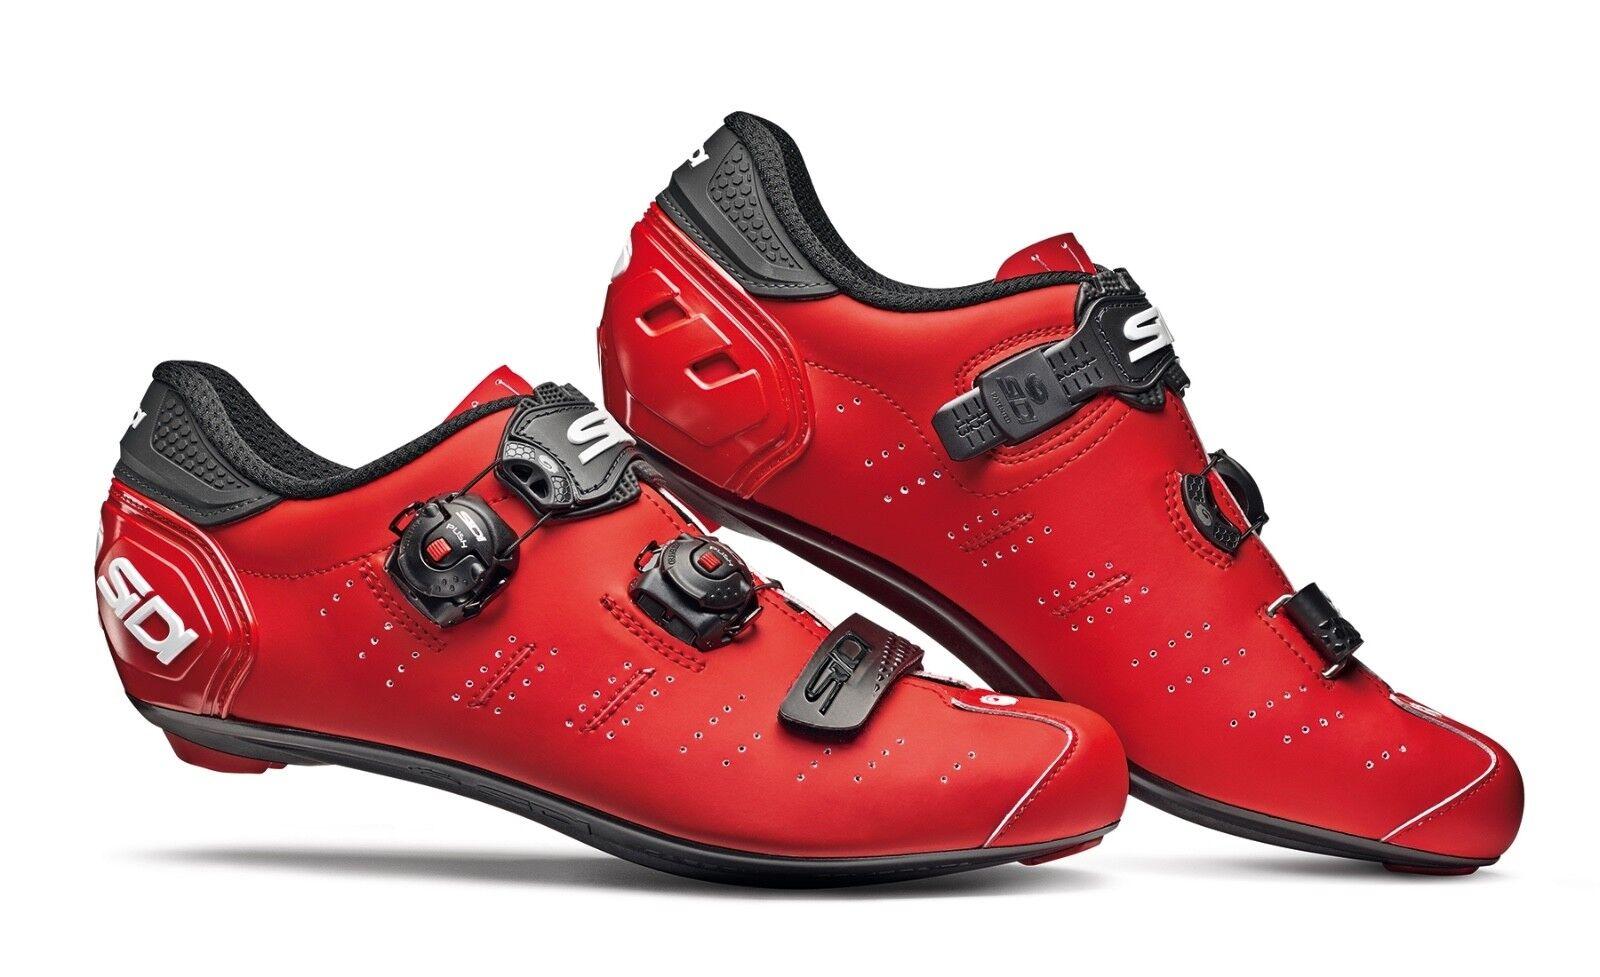 Schuhe Schuhe Schuhe SIDI ERGO 5 MATT Rot schwarz Größe 46 2b5280